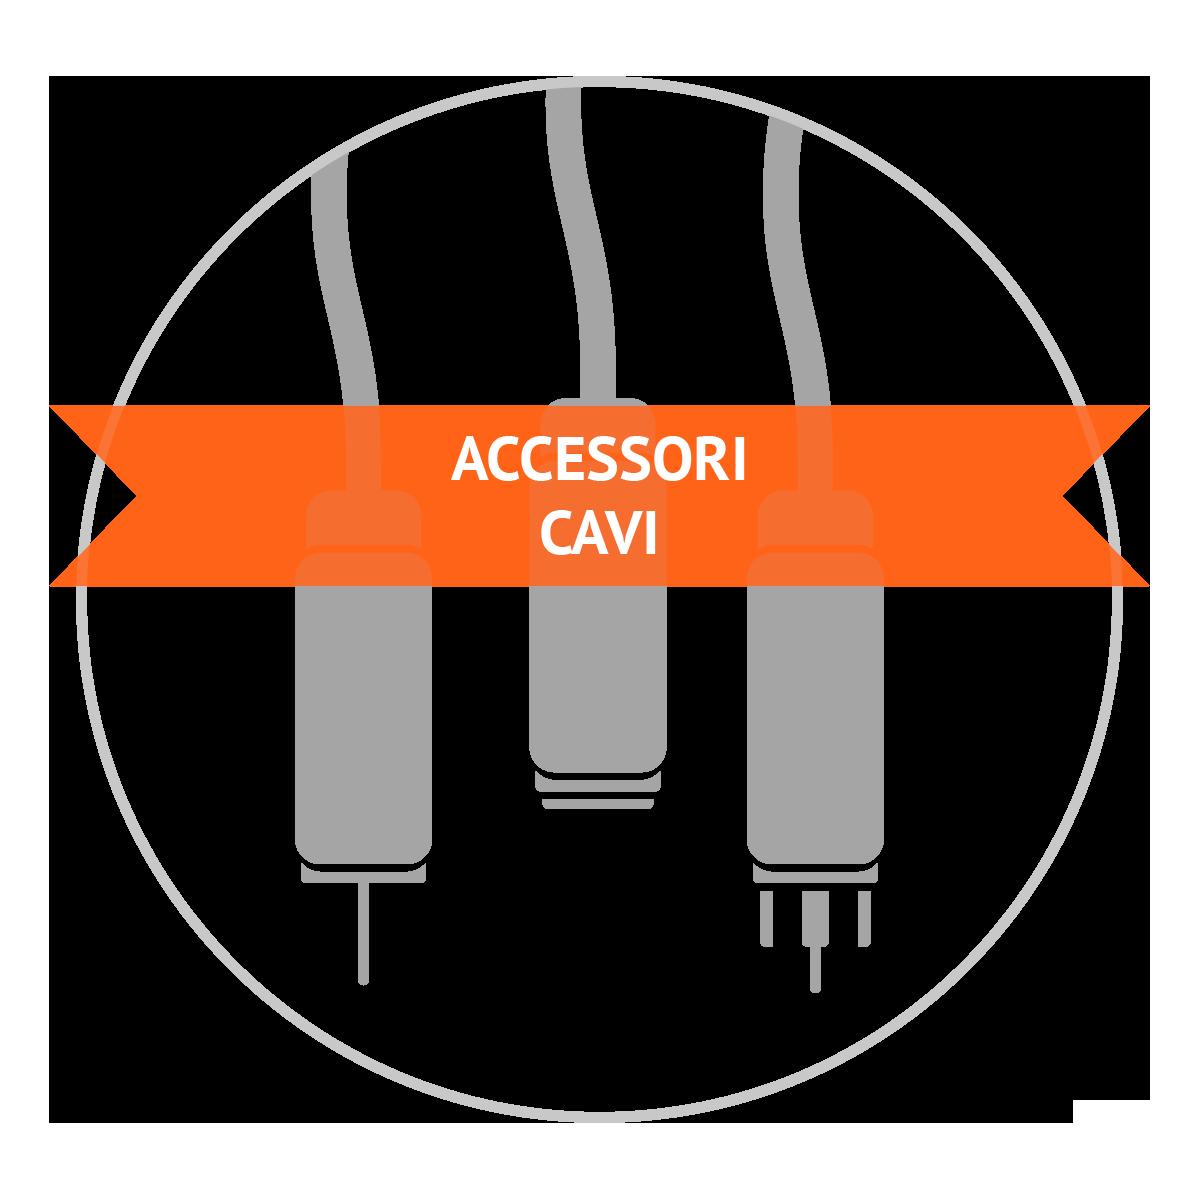 accessori-cavi-ico